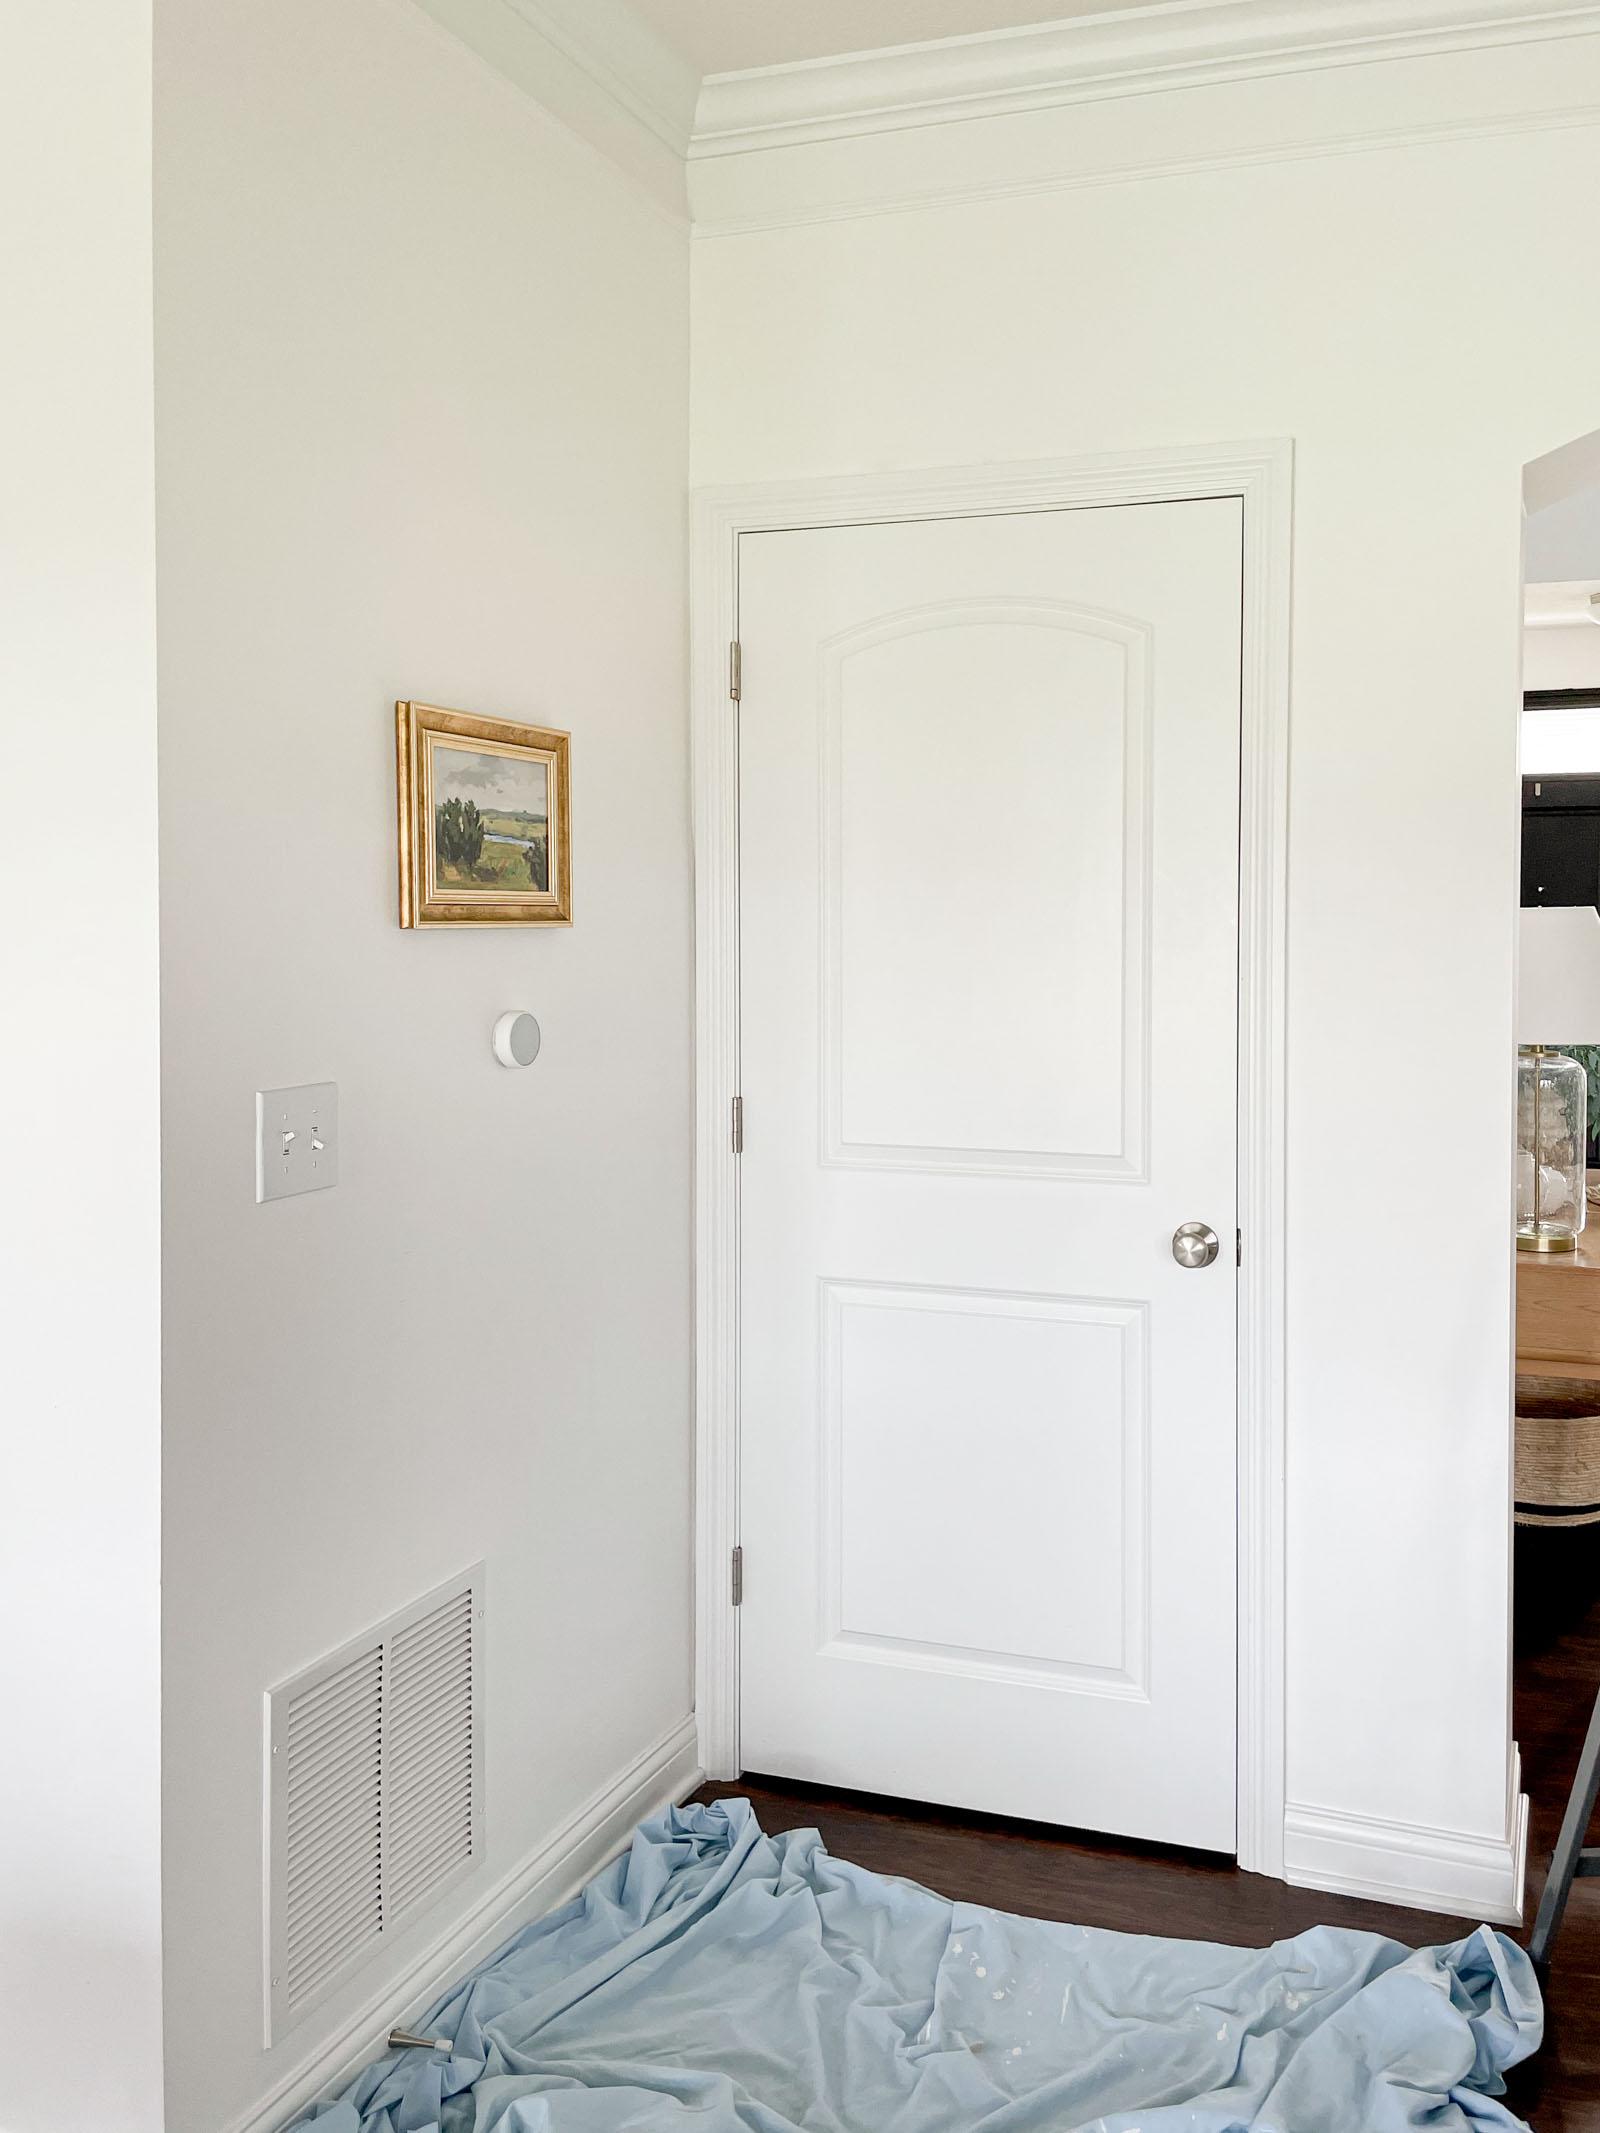 Unpainted white door